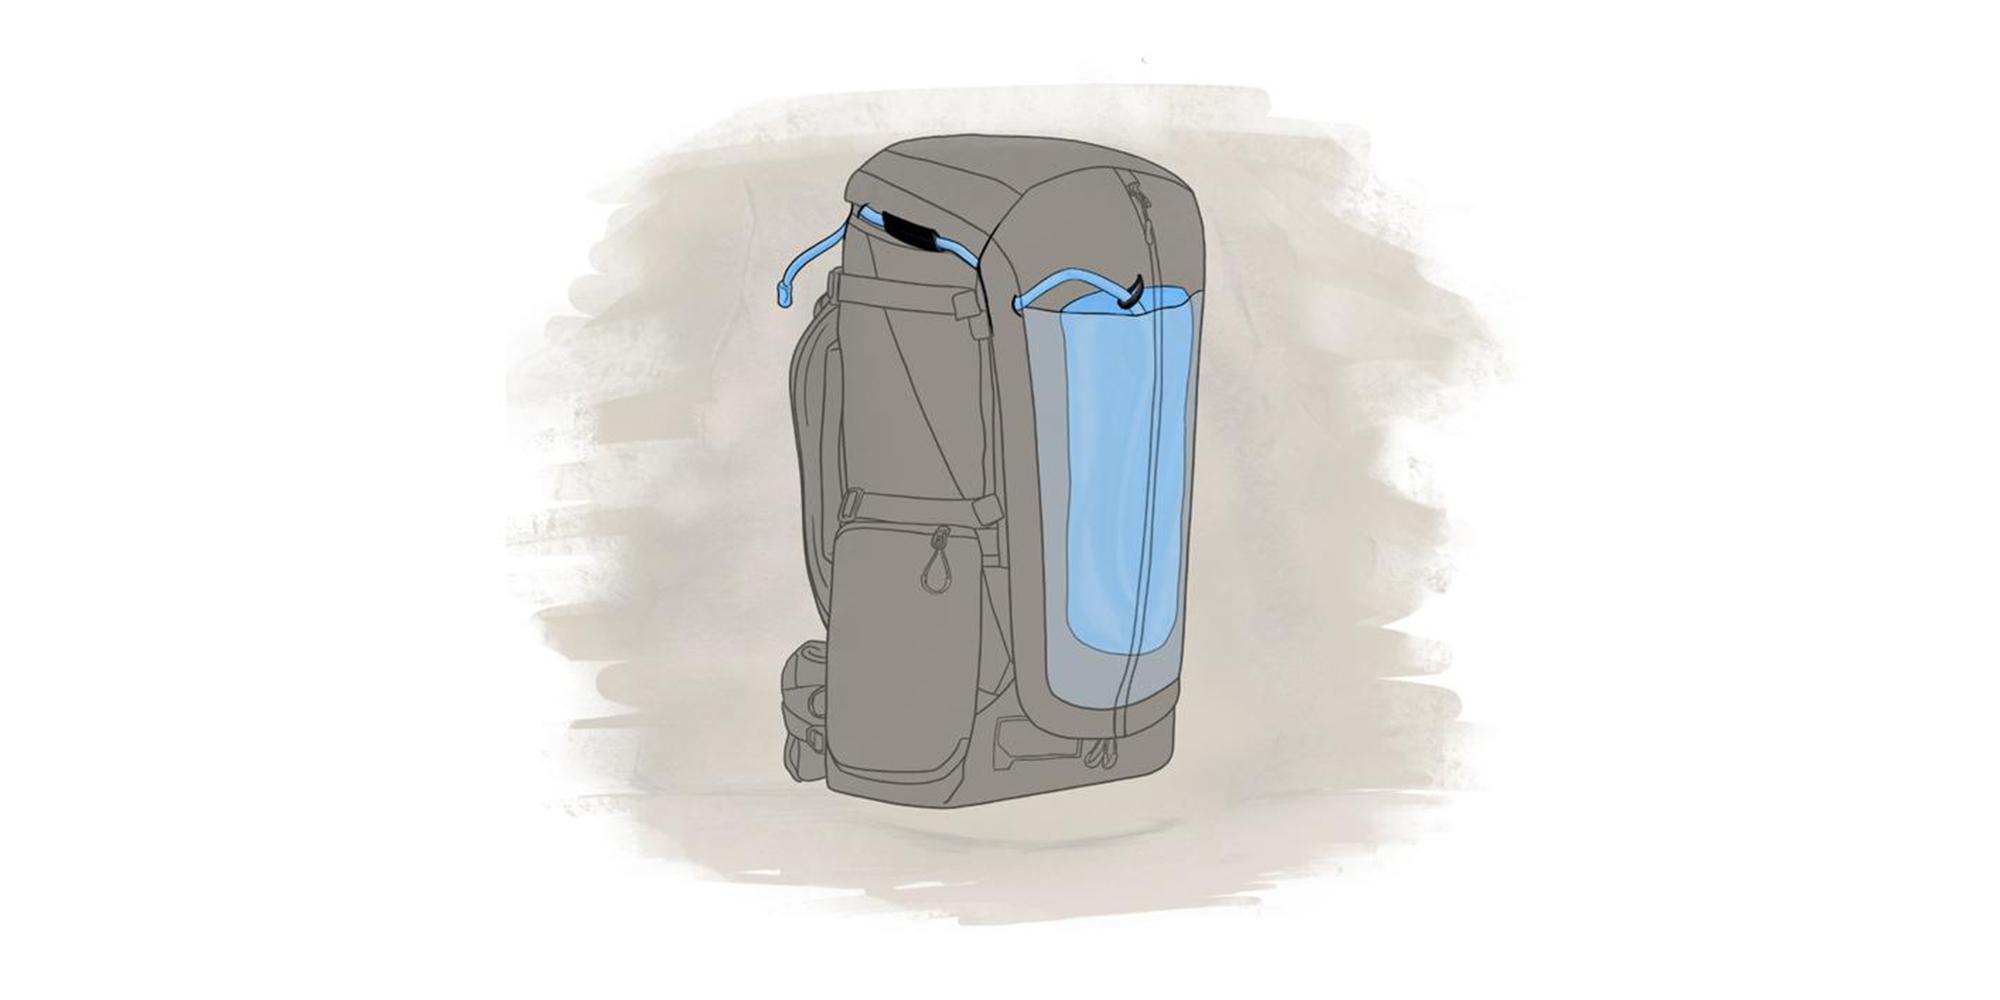 Wandrd Fernweh trekking backpack - space for bottle